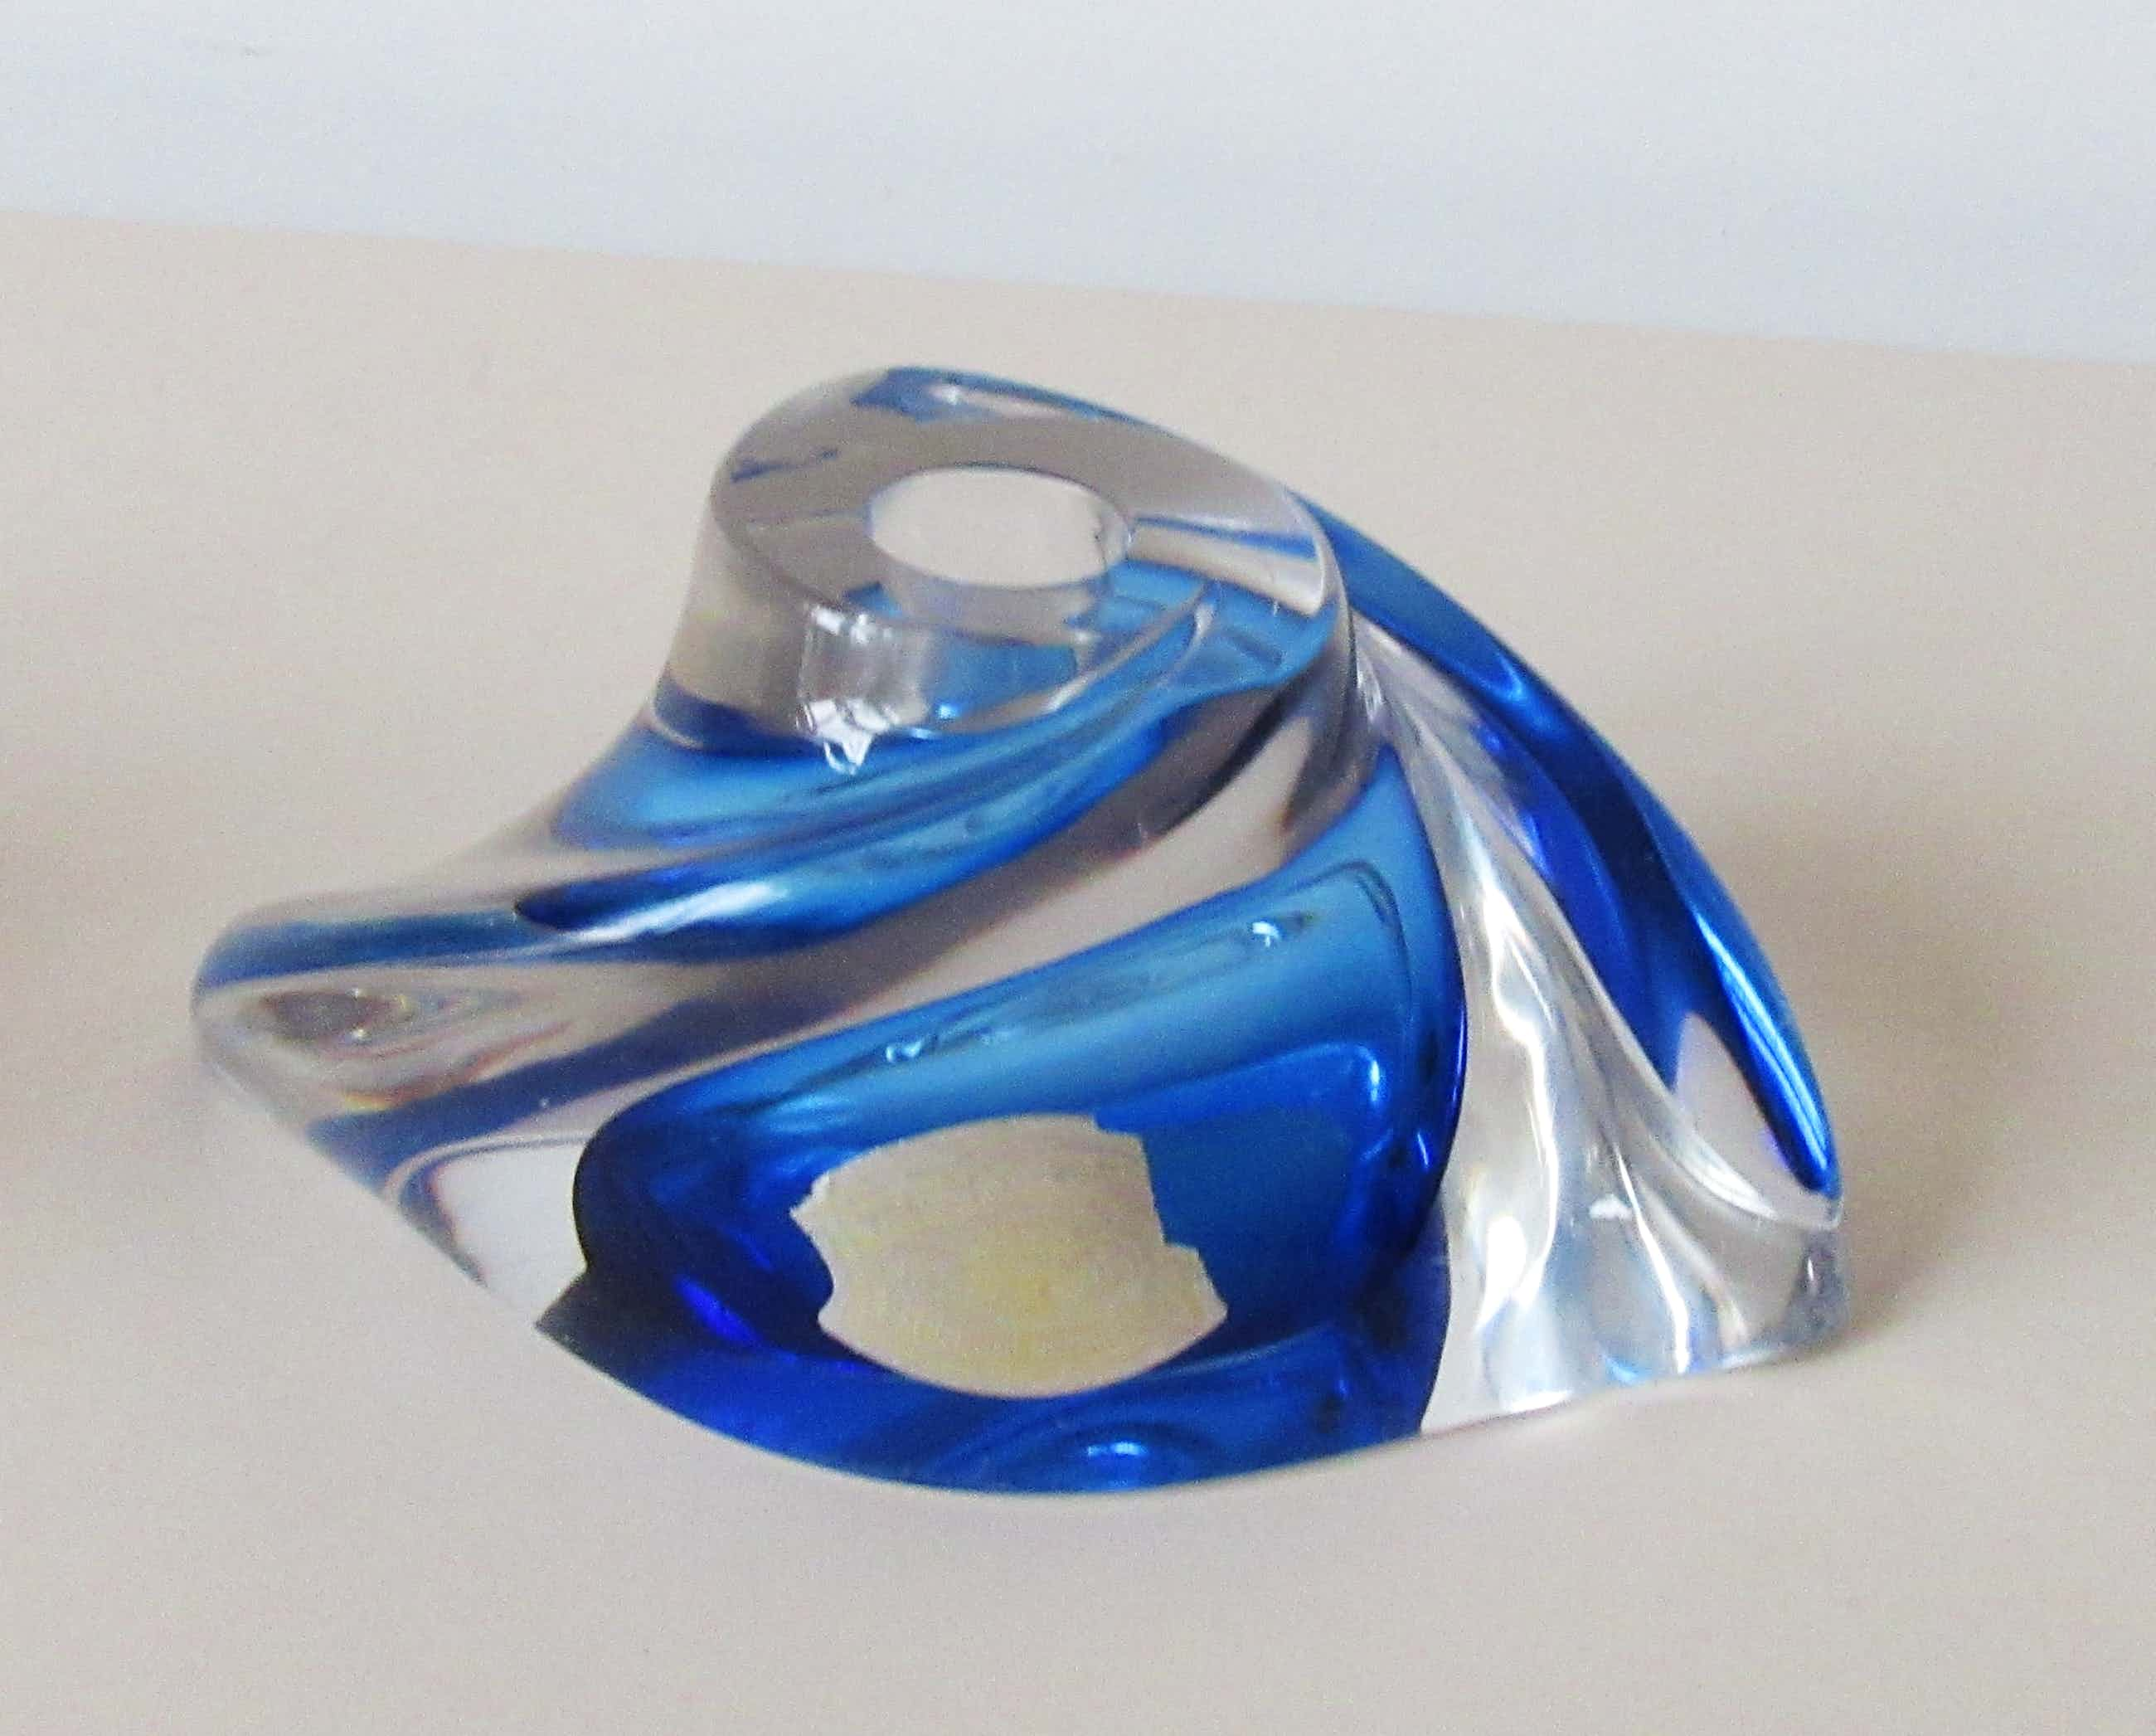 Val-Saint-Lambert - Kandelaar uit de serie 'Tordus' ontwerp Rene Delvenne kopen? Bied vanaf 44!